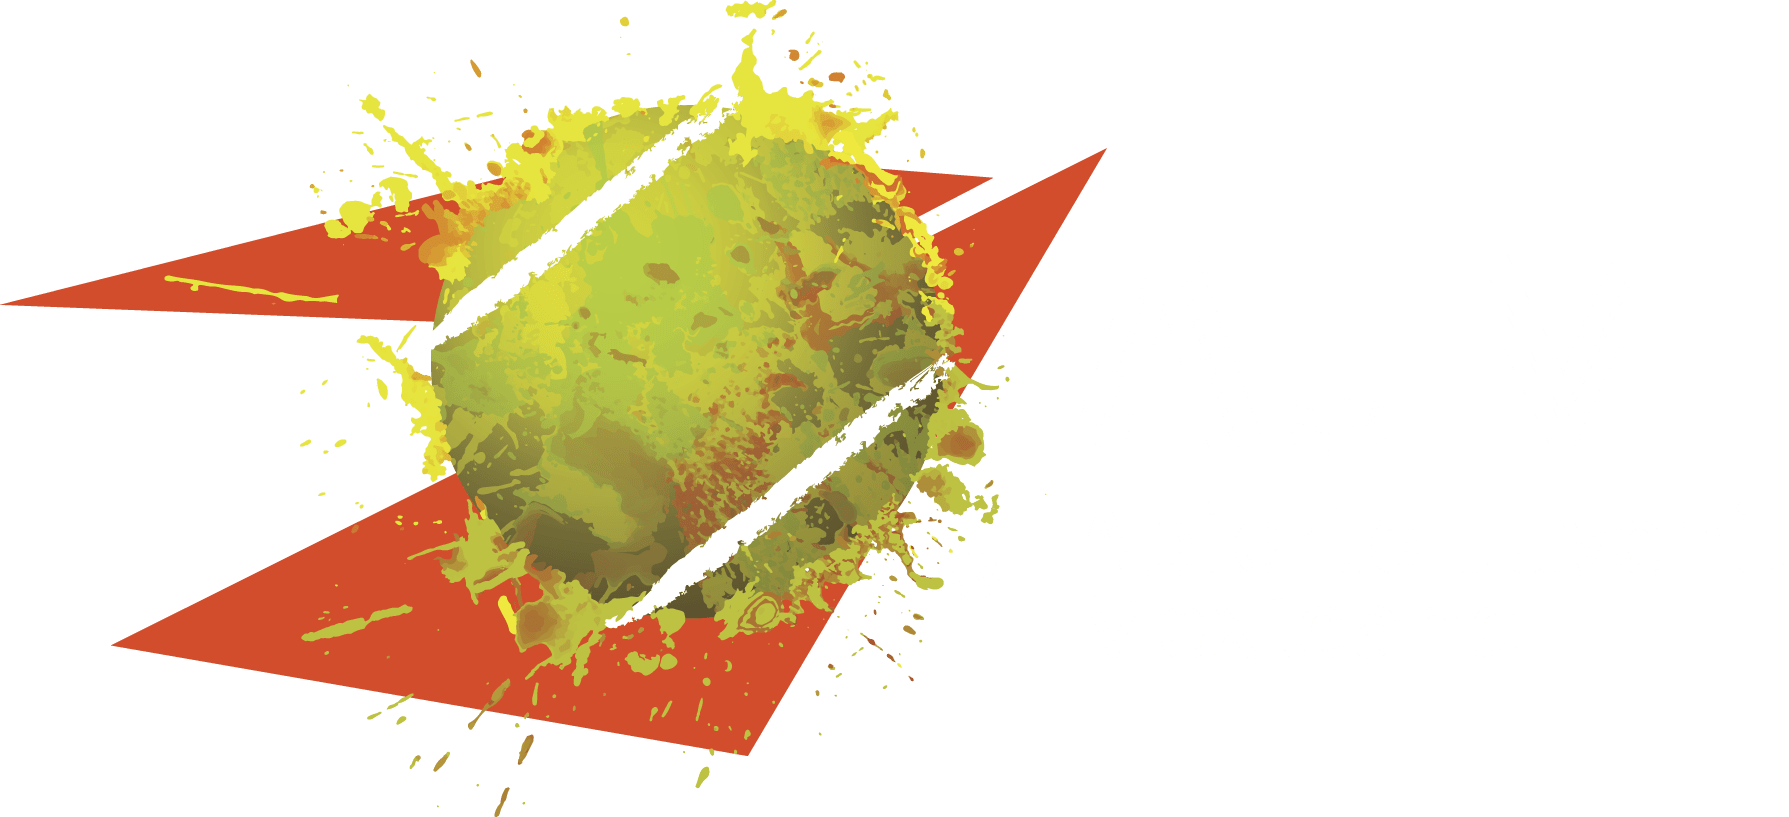 Abierto Juvenil Mexicano